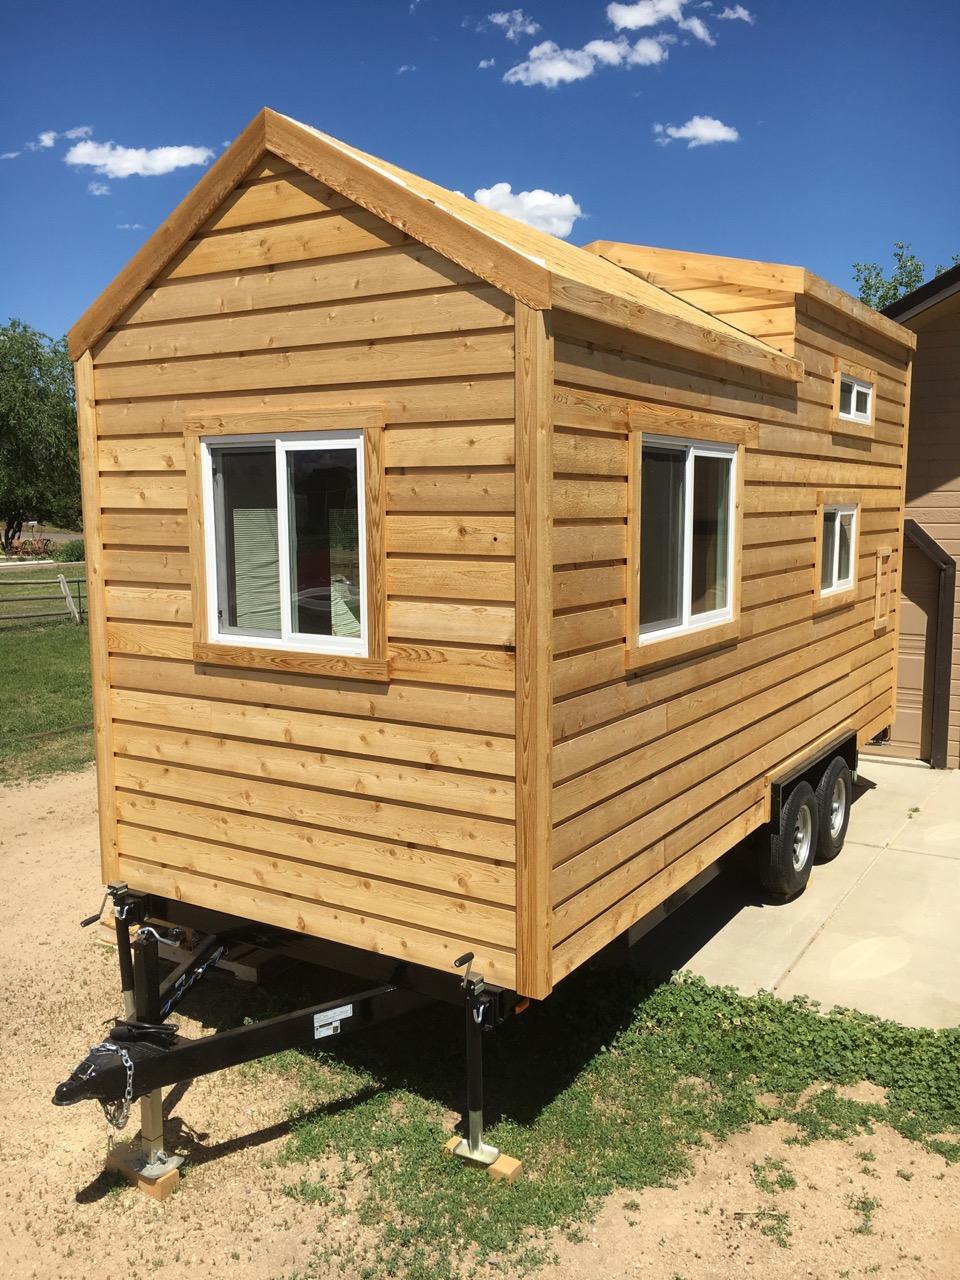 Wheelhouse-tiny-homes-17.jpg